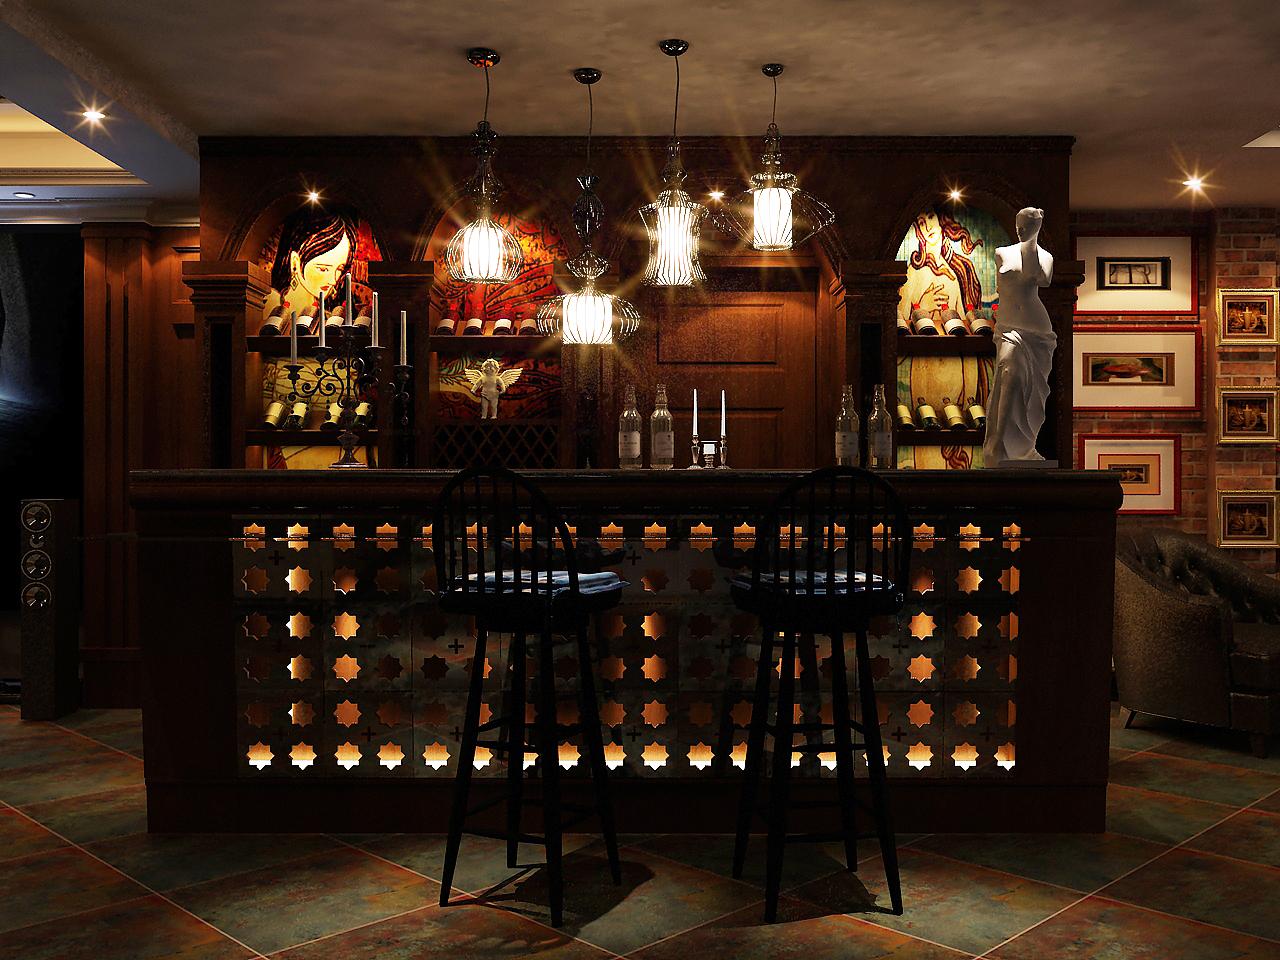 负一层用来做影音室兼酒吧是不错的选择,由于负一层的采光不是很好,所以在这里灯光会使用到很多。这恰恰会利用灯光给这里营造出一种宁静的氛围,仿古砖在地面上的大面积使用首先就会使这里显现出一种高贵稳重感。这里也是主人的一个极好的放松享受的空间,可以在尽情的观看电影,品酒,欣赏收藏的宝贝。